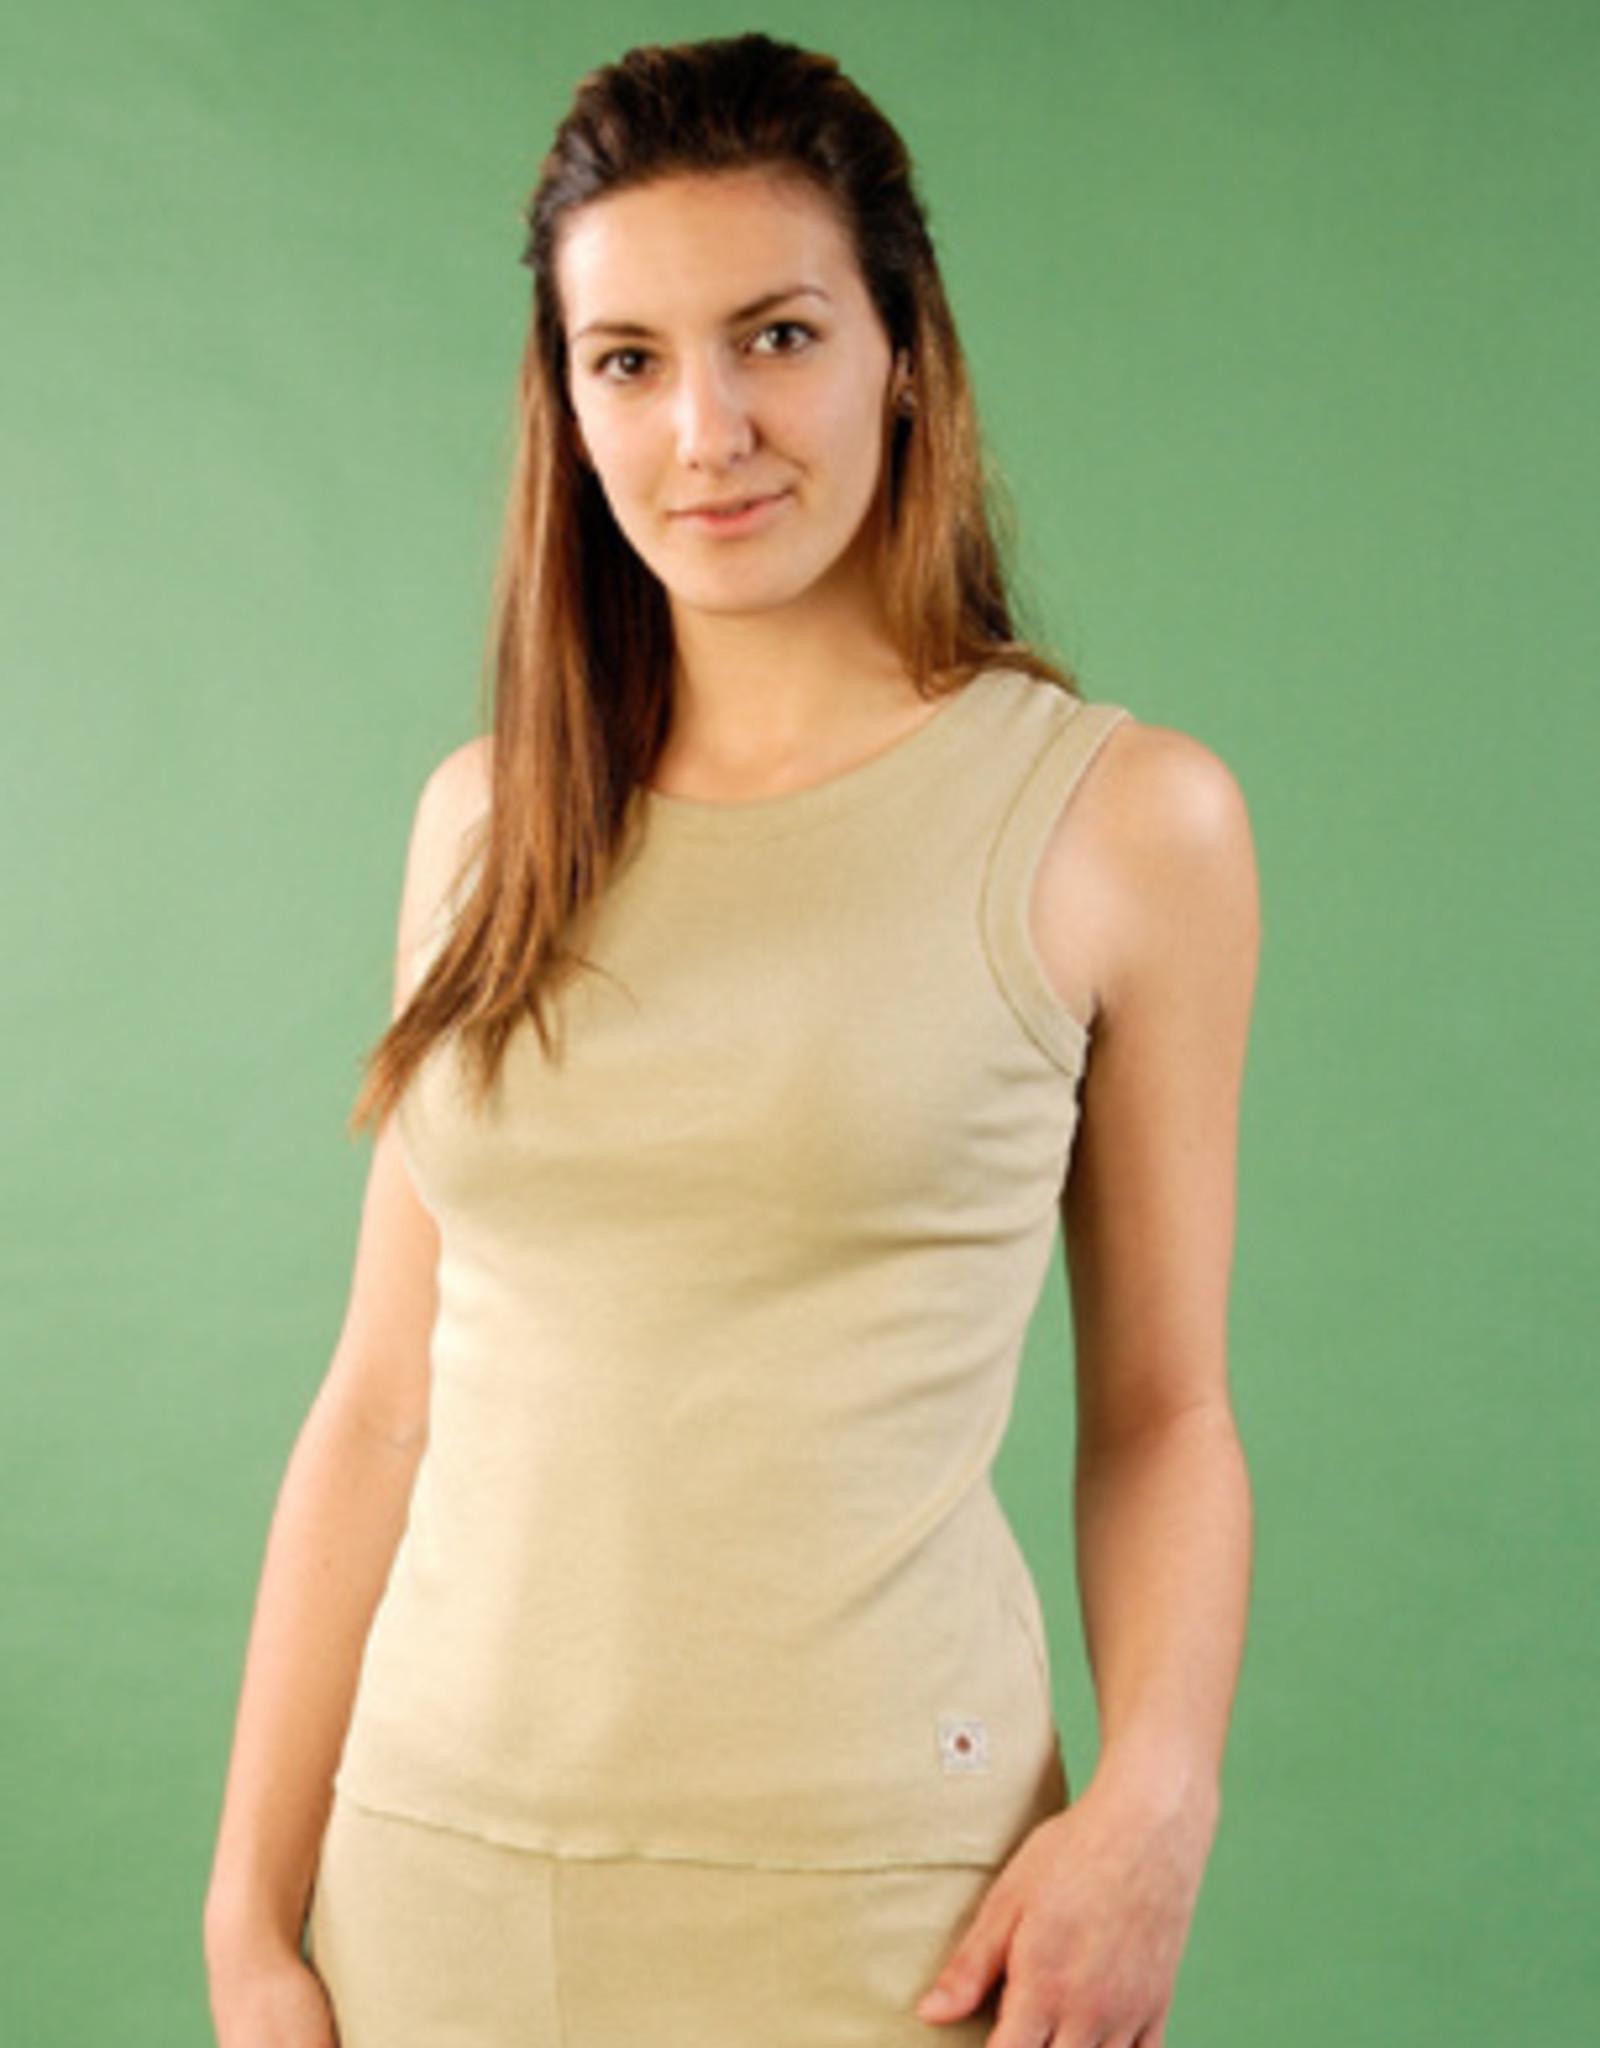 Camiseta mujer de cuello redondo y sin mangas.